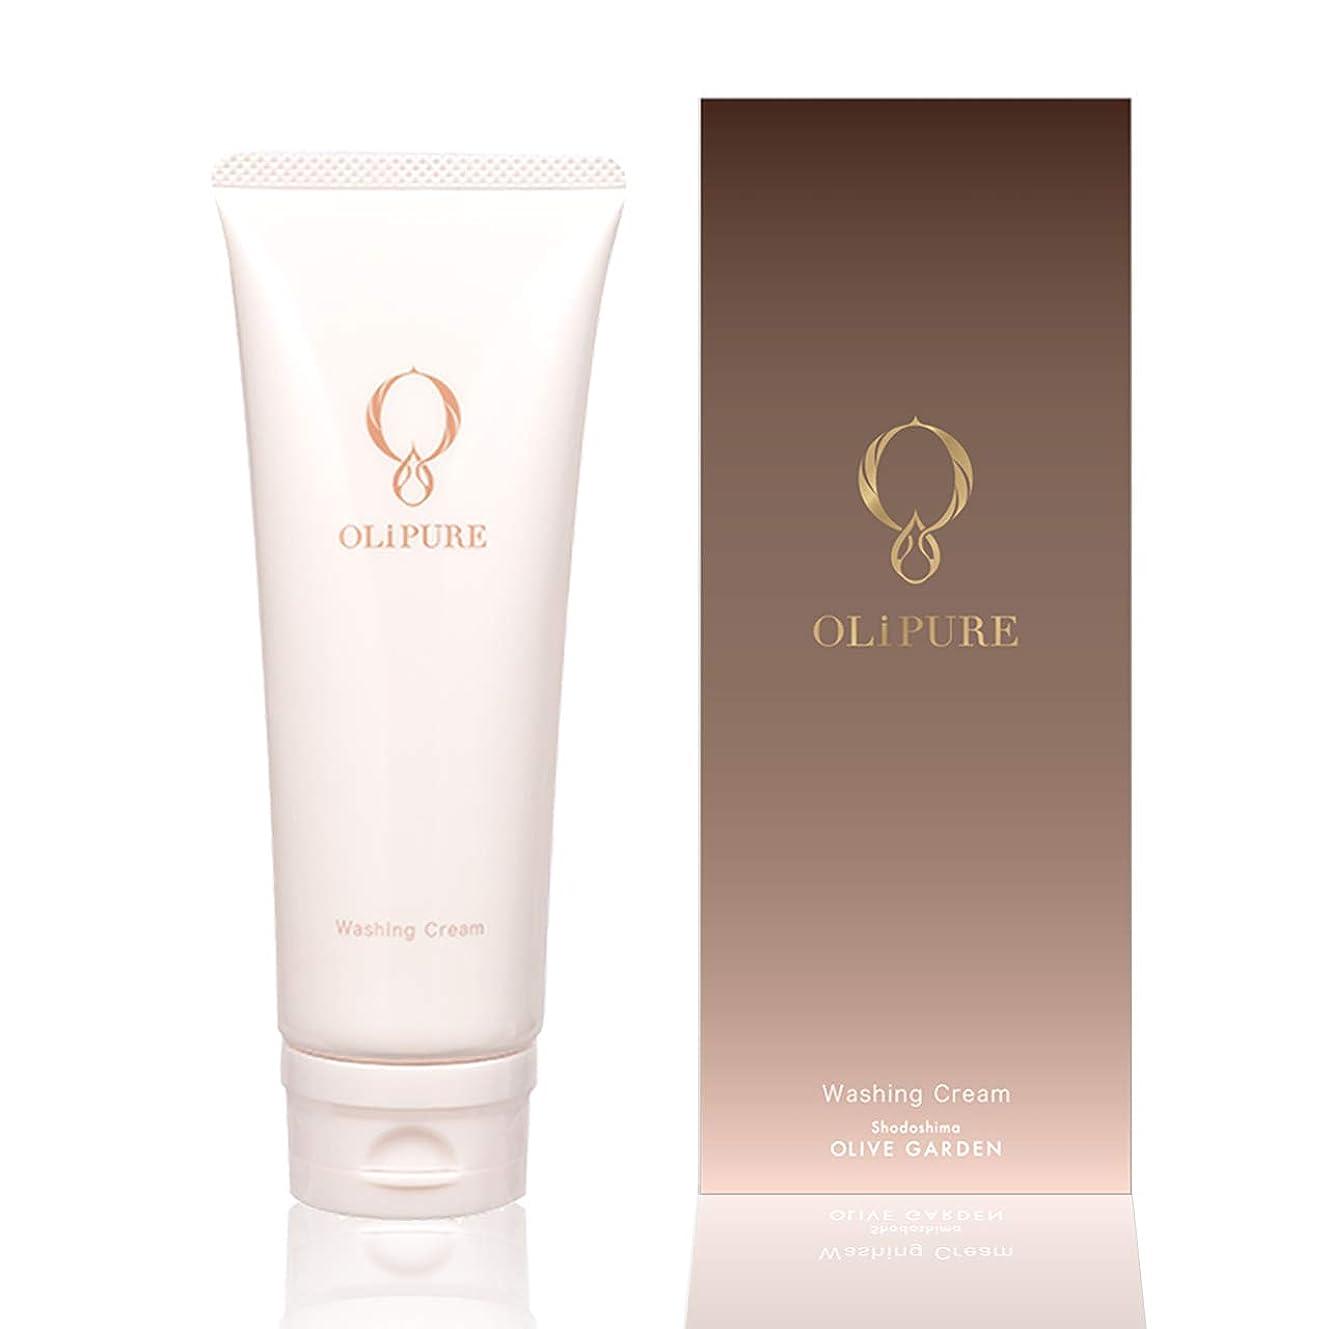 ジュラシックパーク若者当社オリピュア ウォッシングクリーム100g 洗顔 OLiPURE Washing Cream